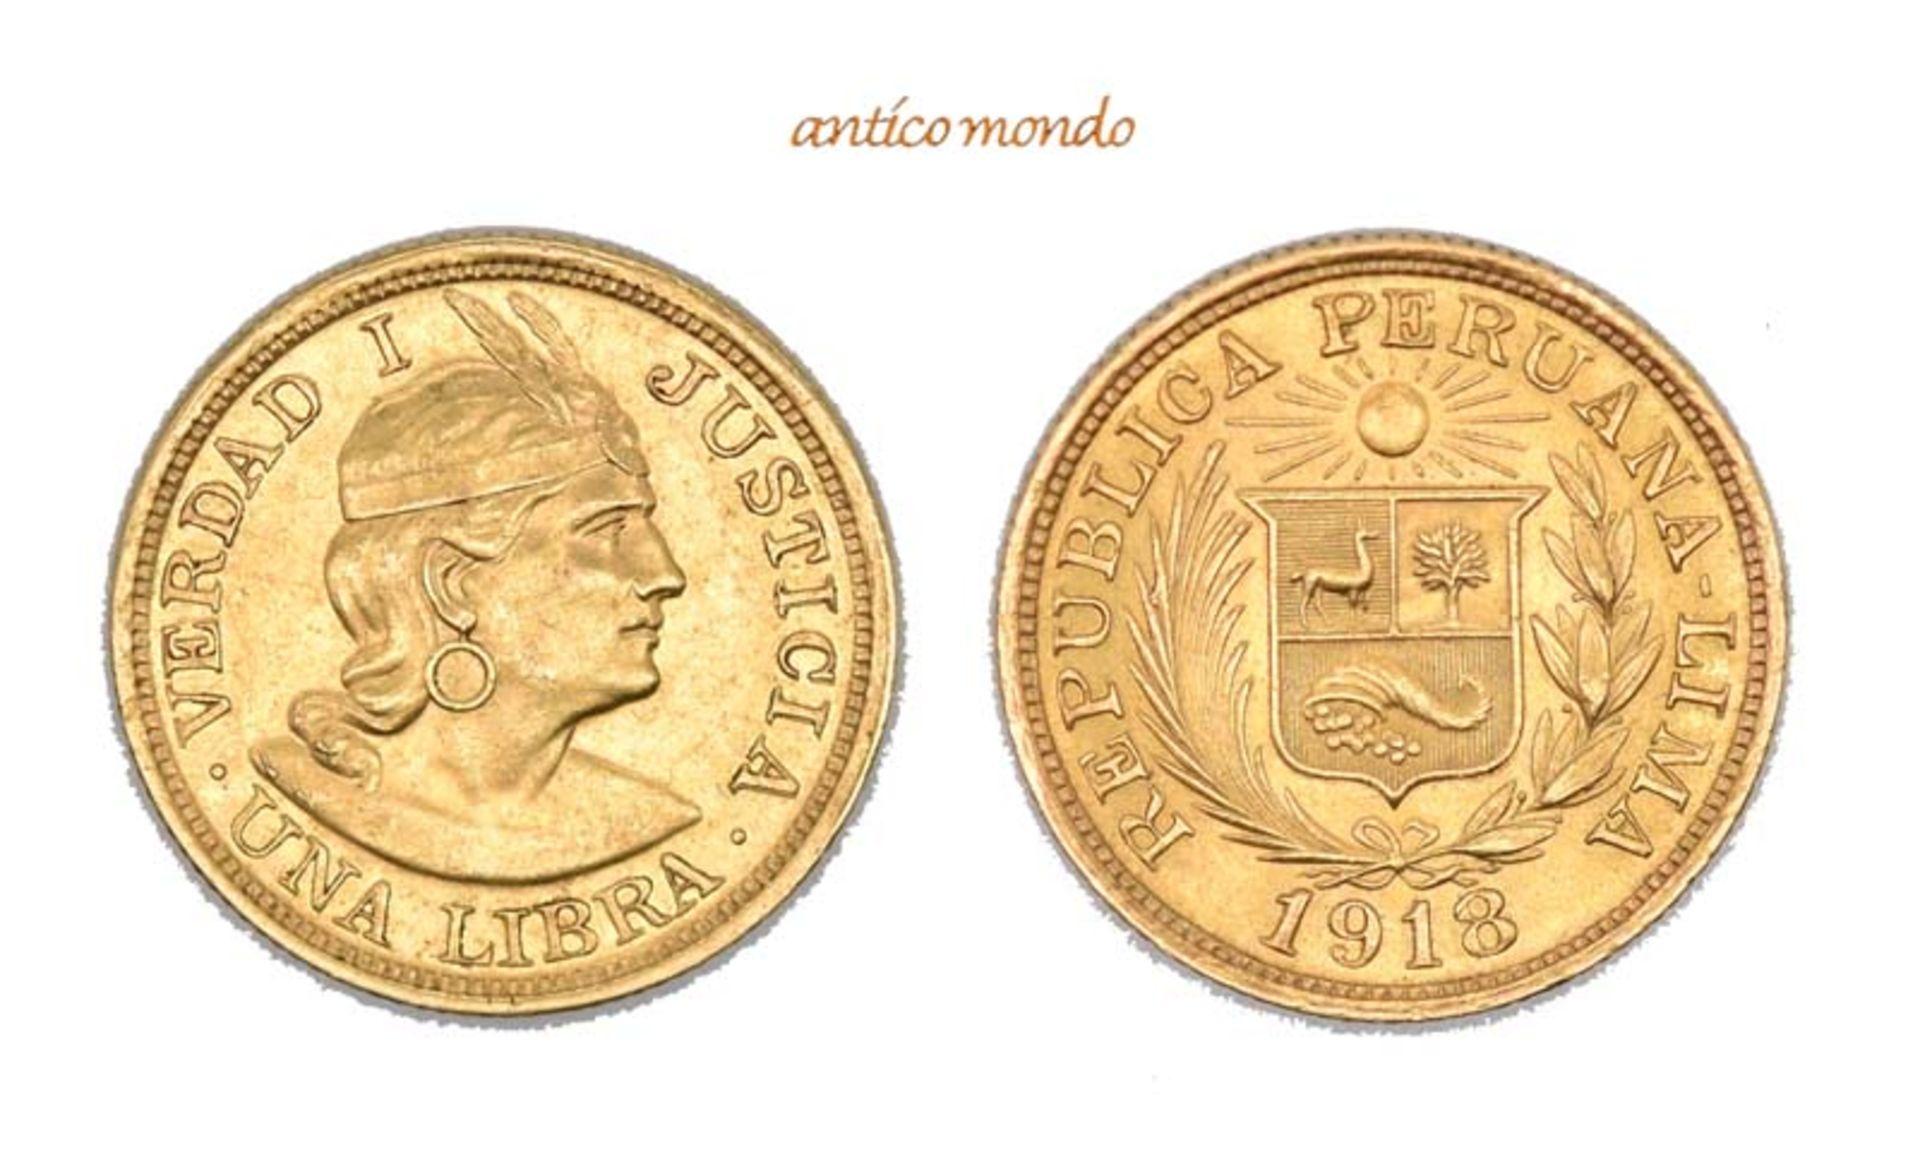 Peru, Republik, Libra, 1918, vorzüglich, 8,00 g- - -21.50 % buyer's premium on the hammer price19.00